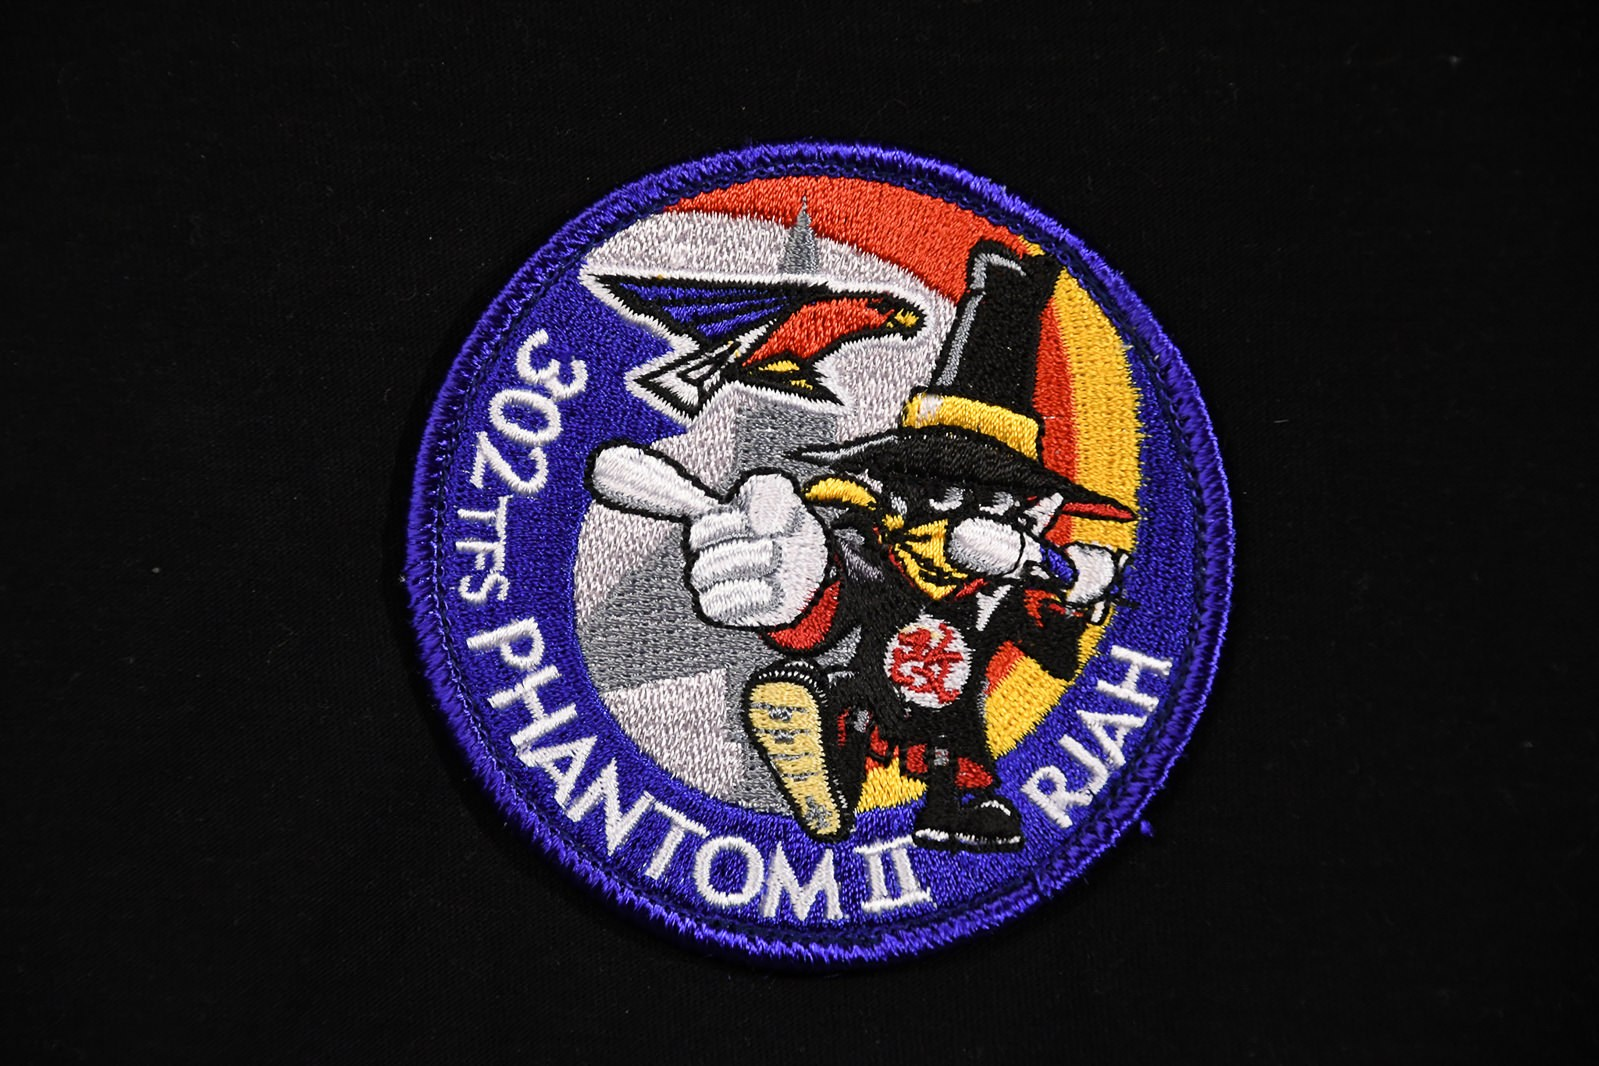 ps5_1313-patch-afscheid-302-tfs-peter-steendam